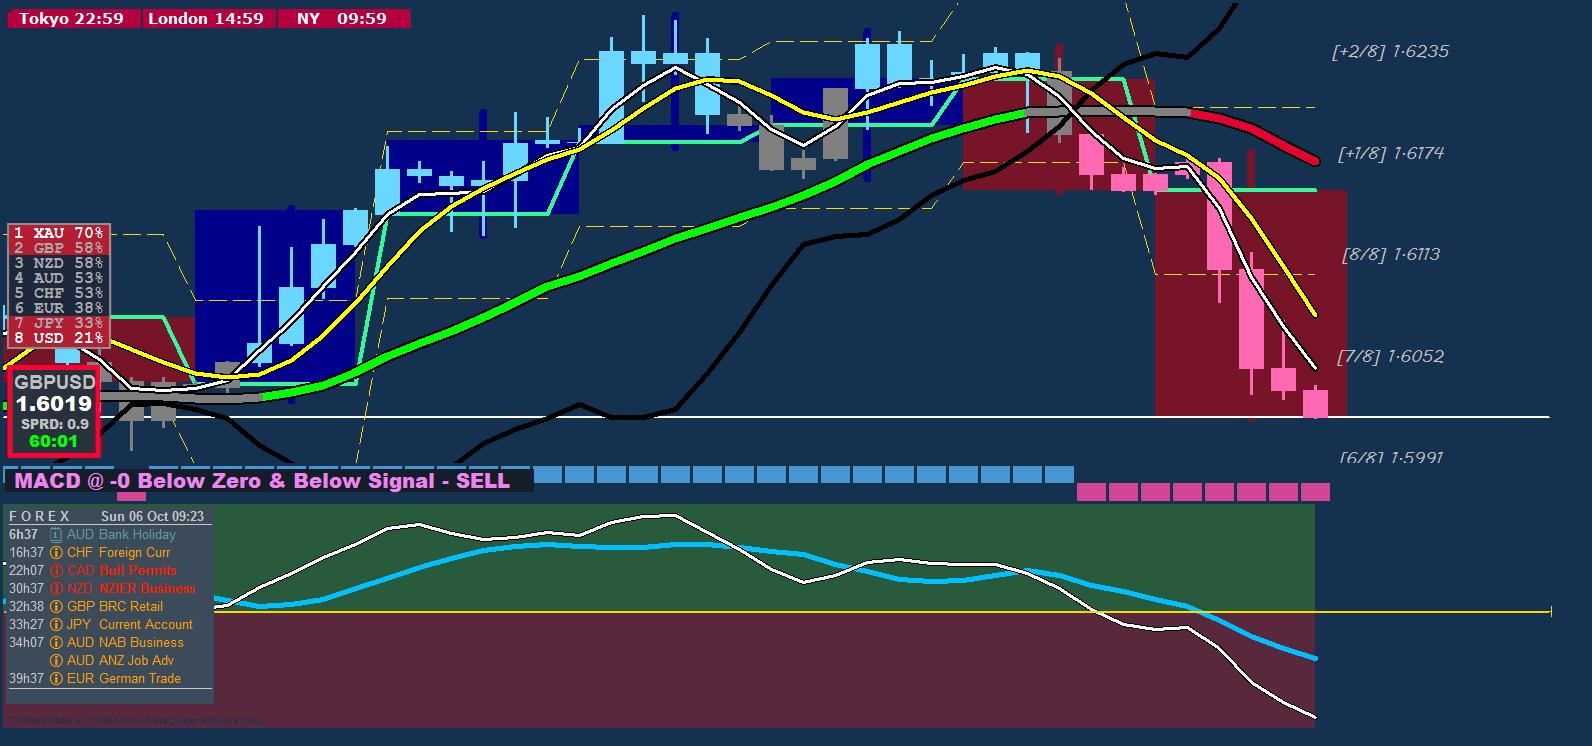 Mql4 trading system